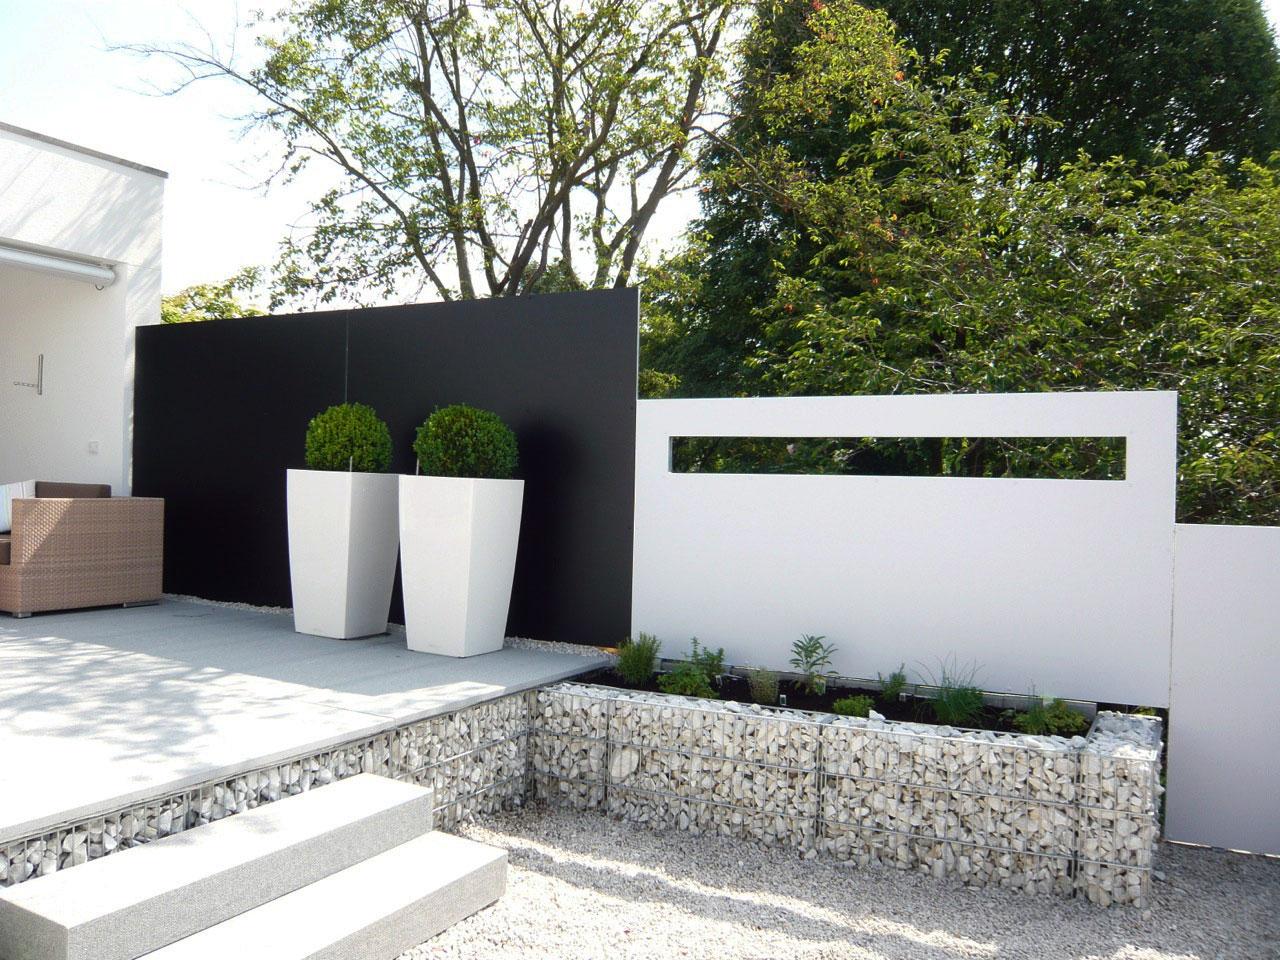 BLICKFANG – Design Sichtschutz perfektioniert stilvolle Garten Lounge in Dittelbrunn